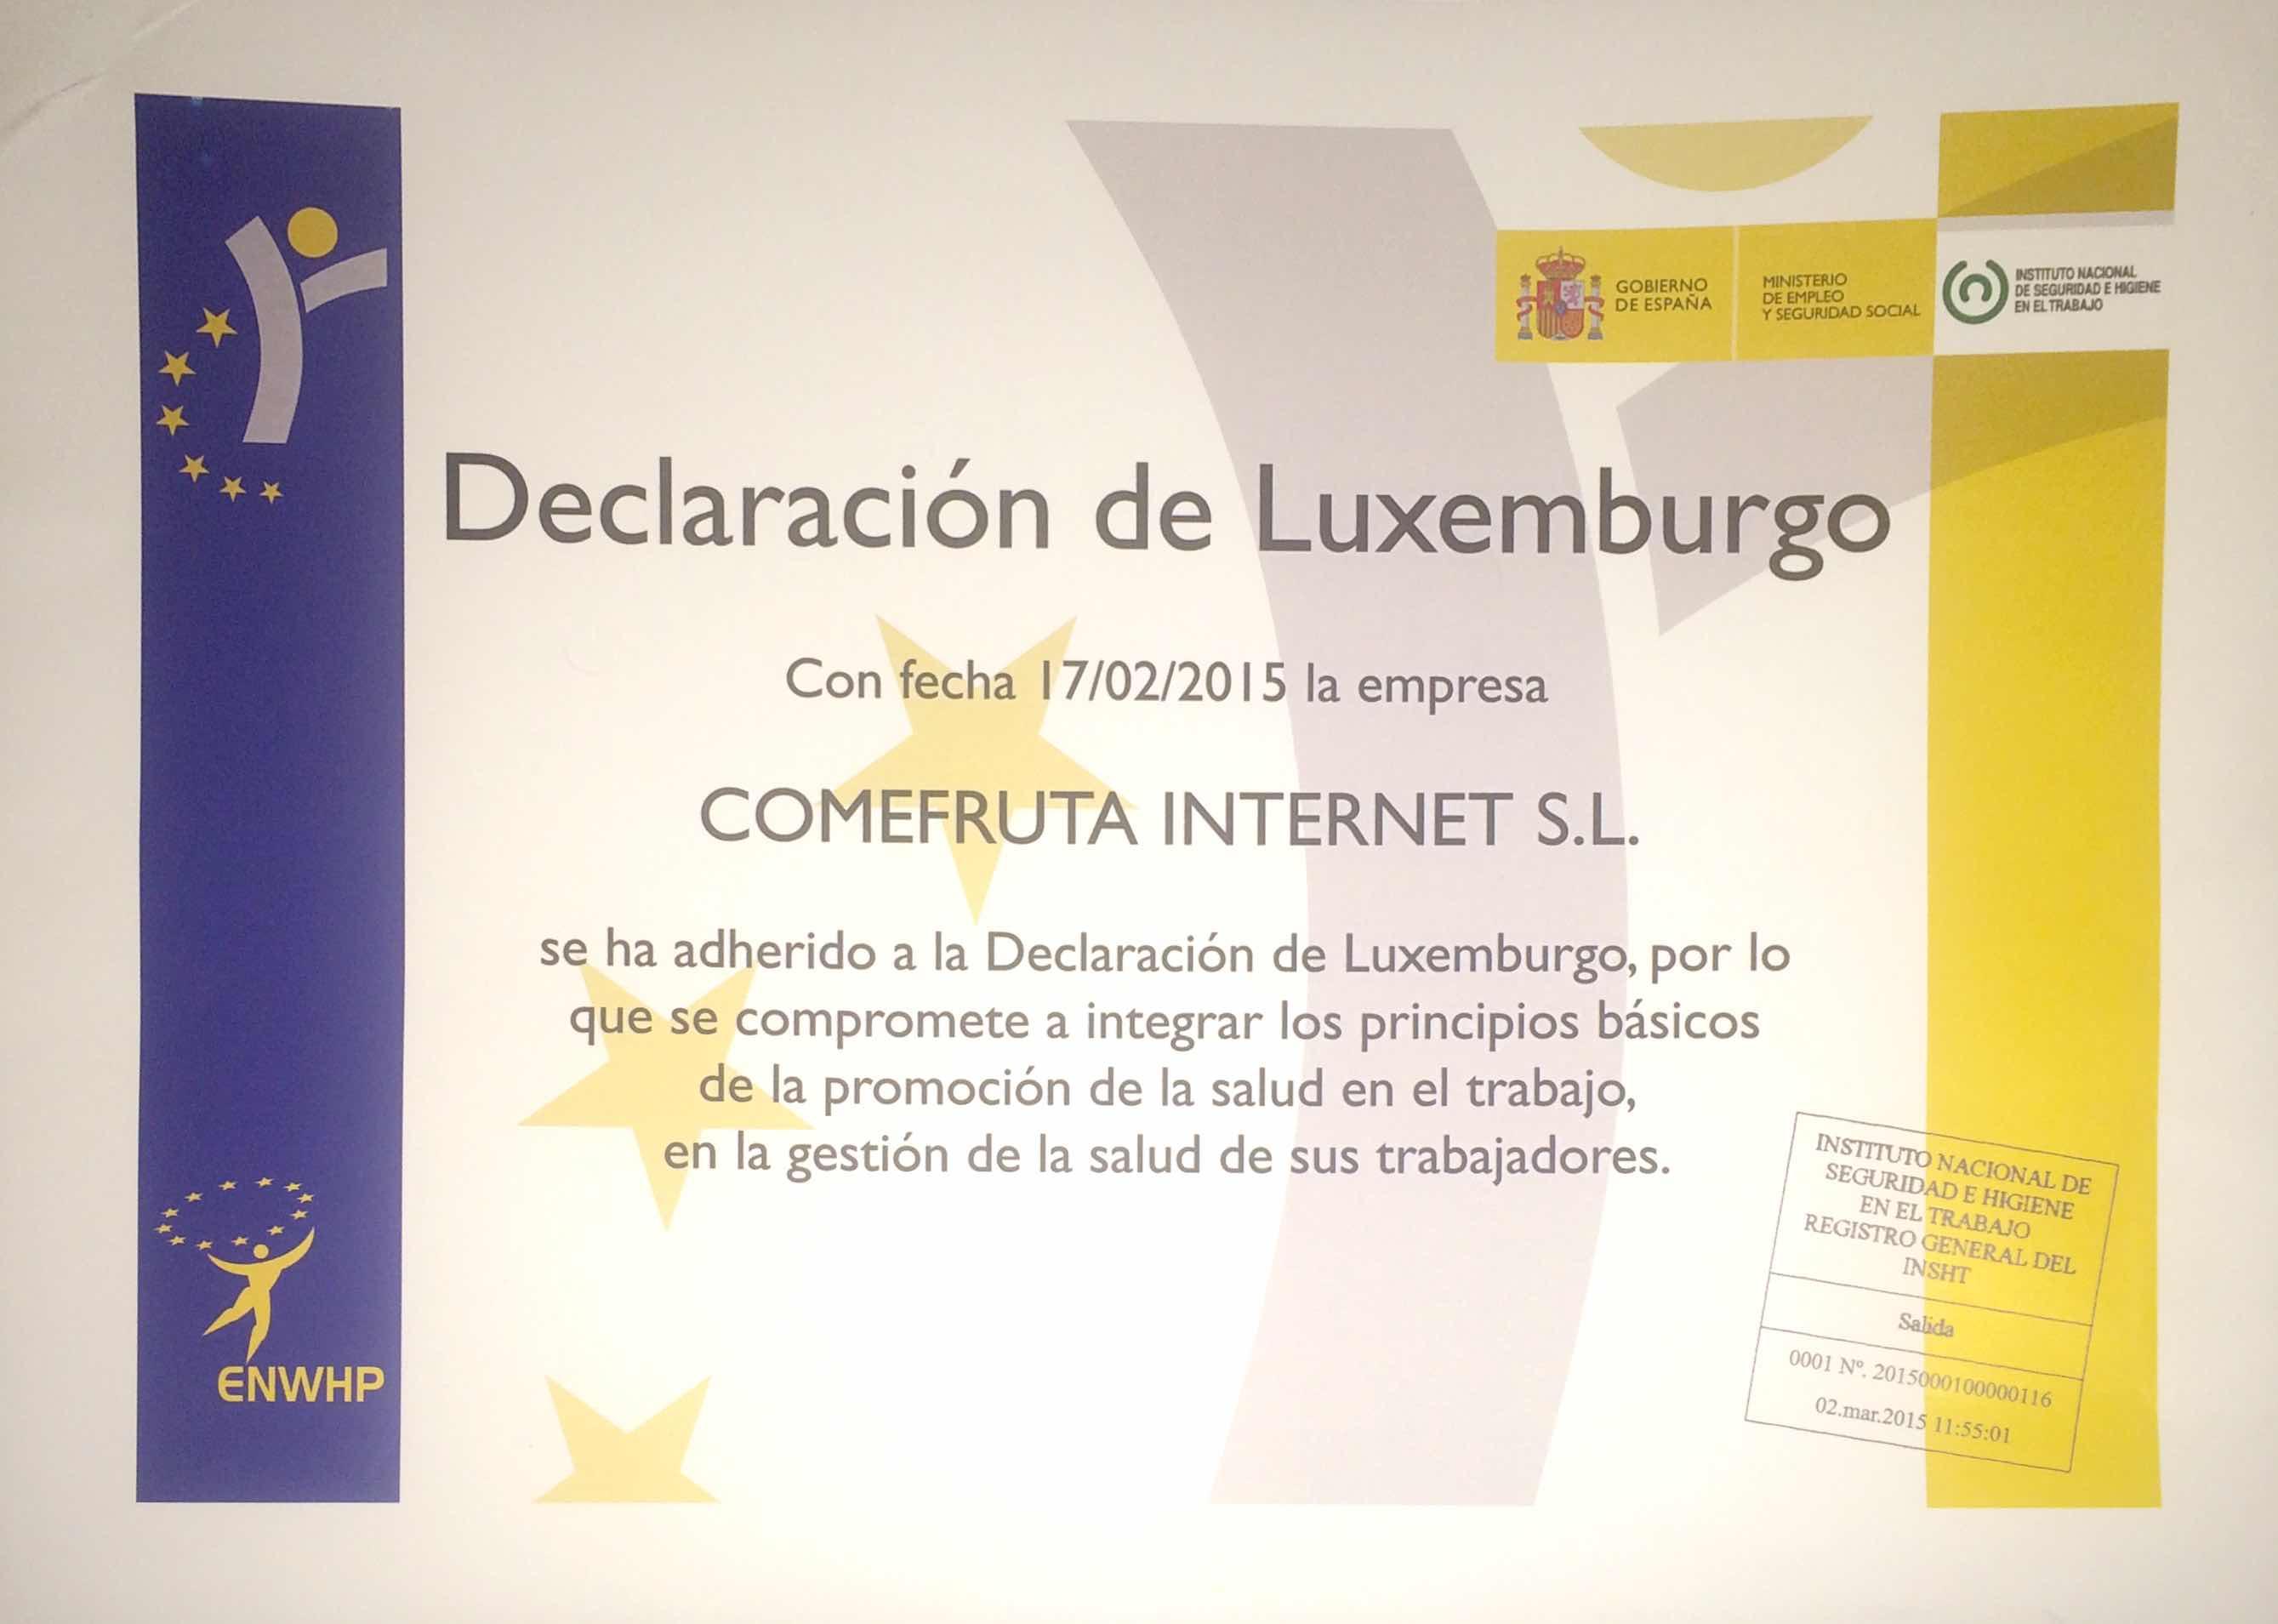 Declaración de Luxemburgo para la promoción de la salud en el trabajo